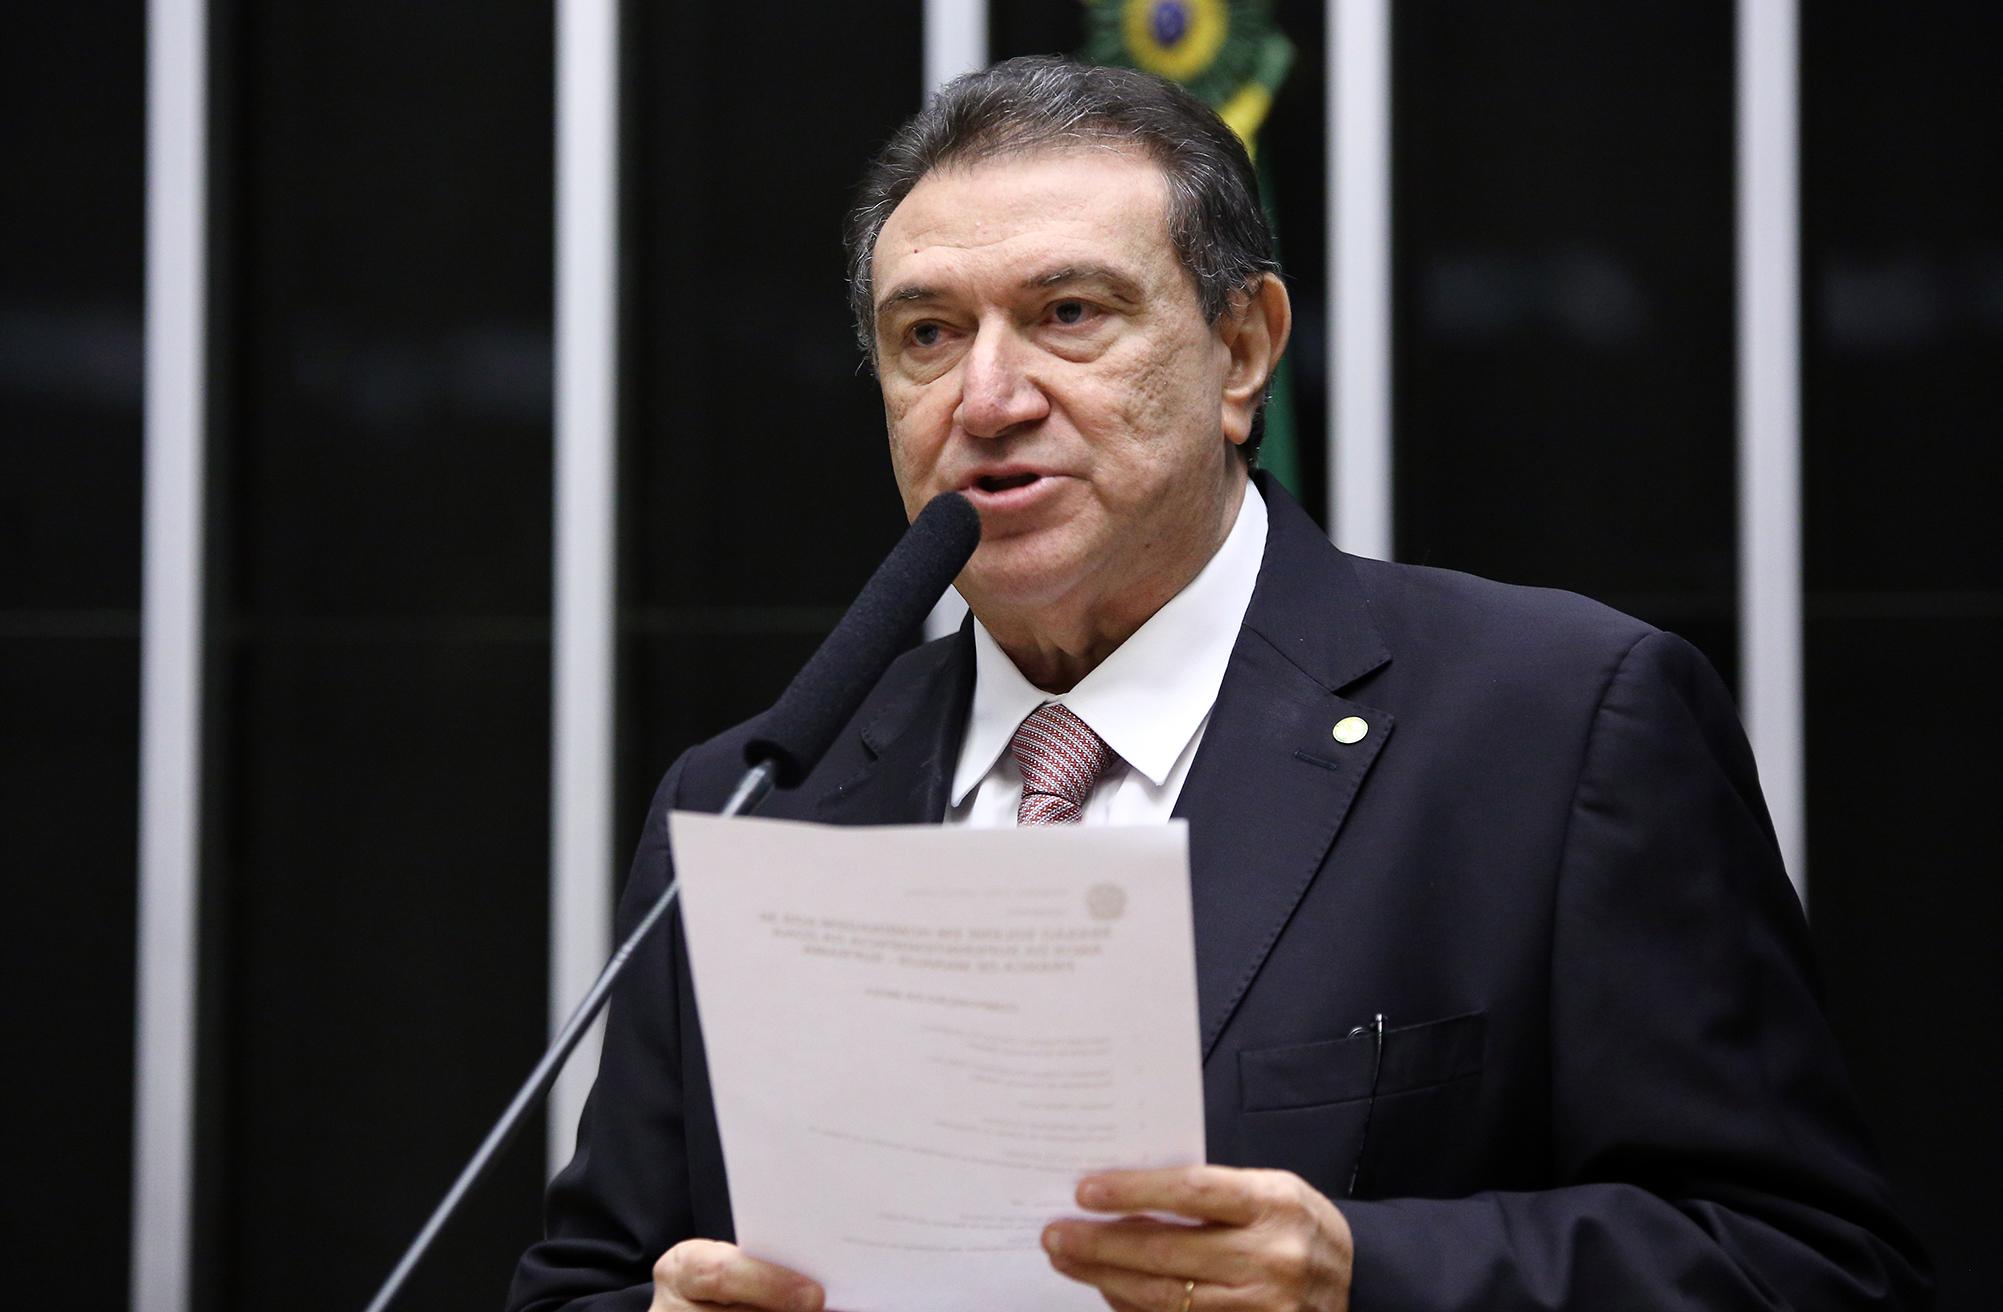 Homenagem aos cinquenta anos da Superintendência da Zona Franca de Manaus – Suframa. Dep. Átila Lins (PSD-AM)